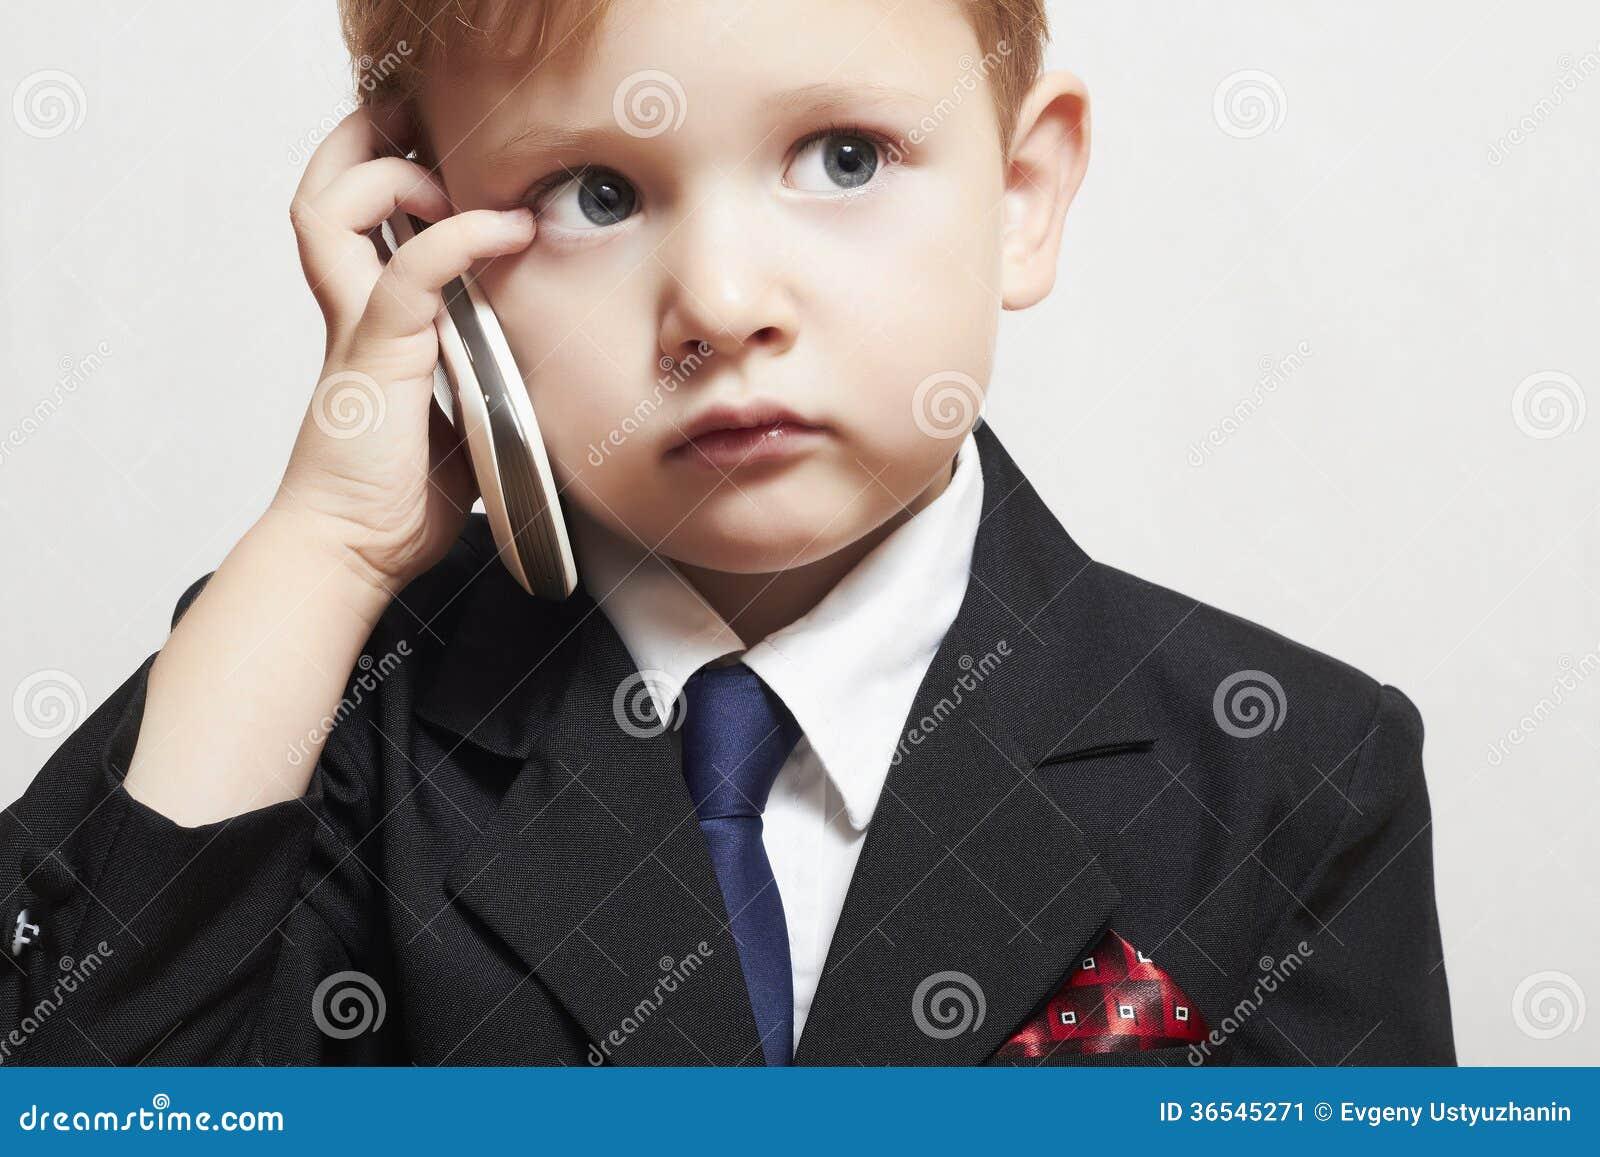 西装的小男孩有手机的。英俊的孩子。时兴的孩子